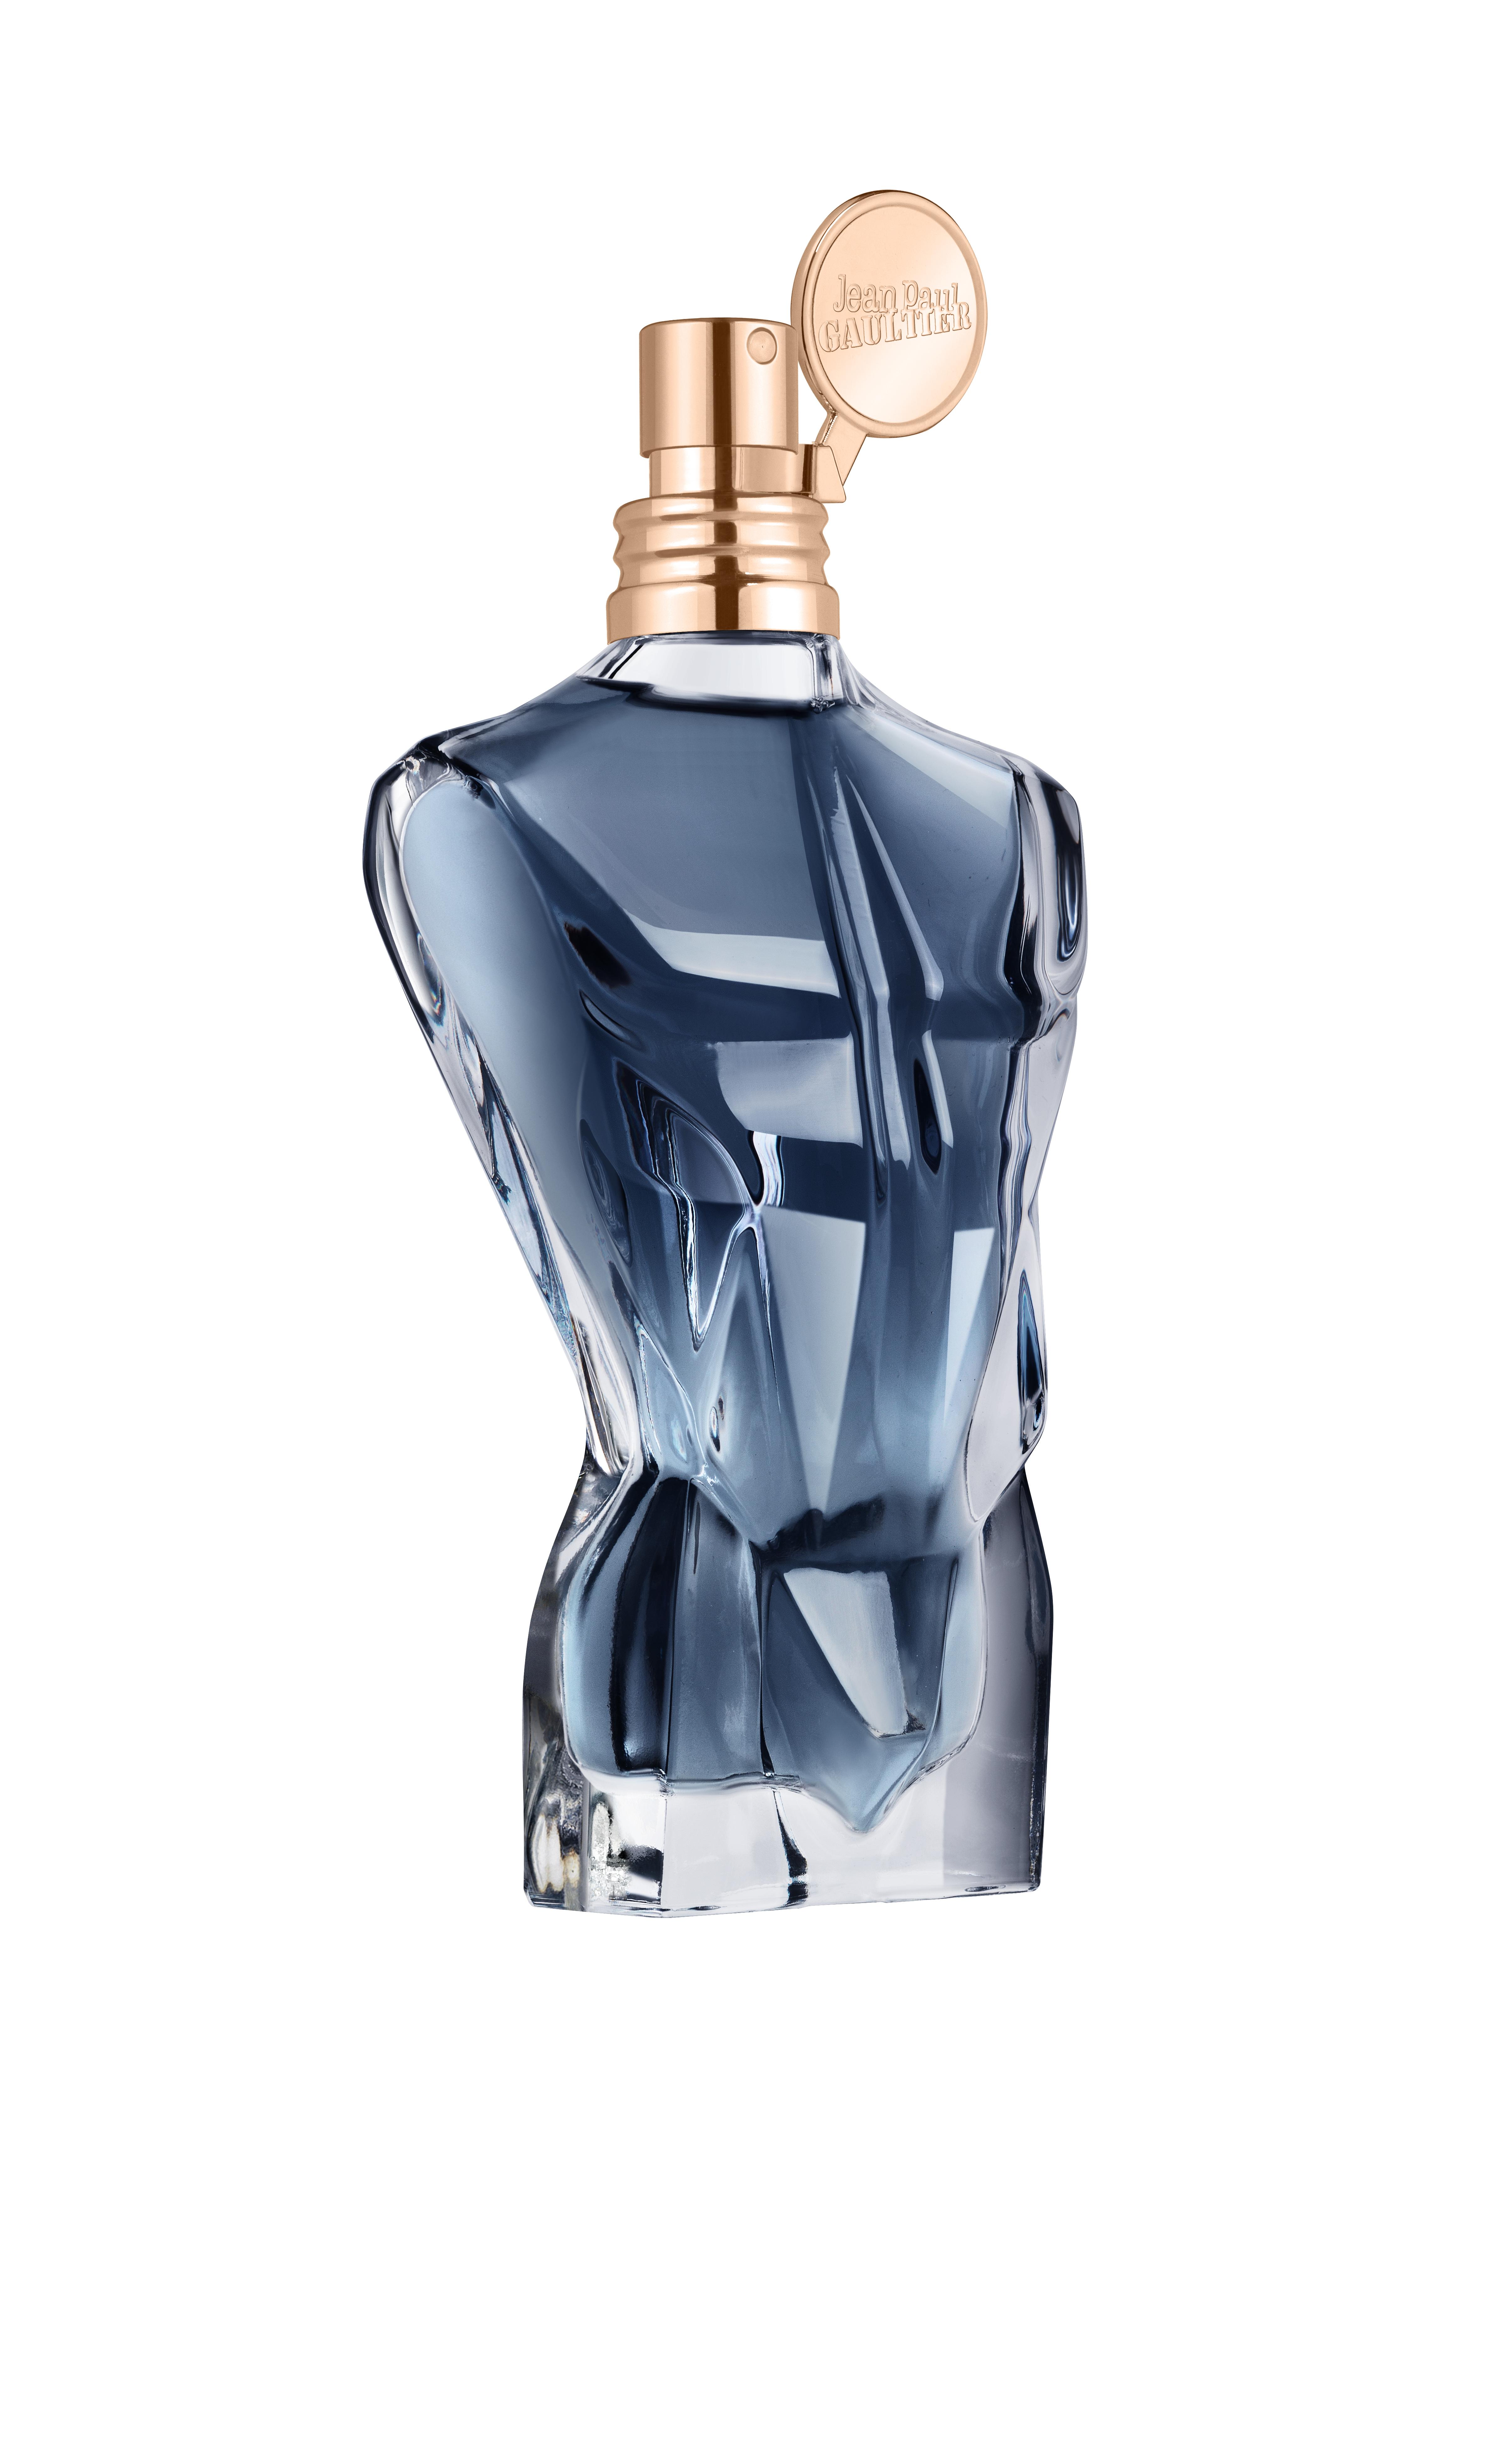 jean paul gaultier unveils essences de parfum range. Black Bedroom Furniture Sets. Home Design Ideas